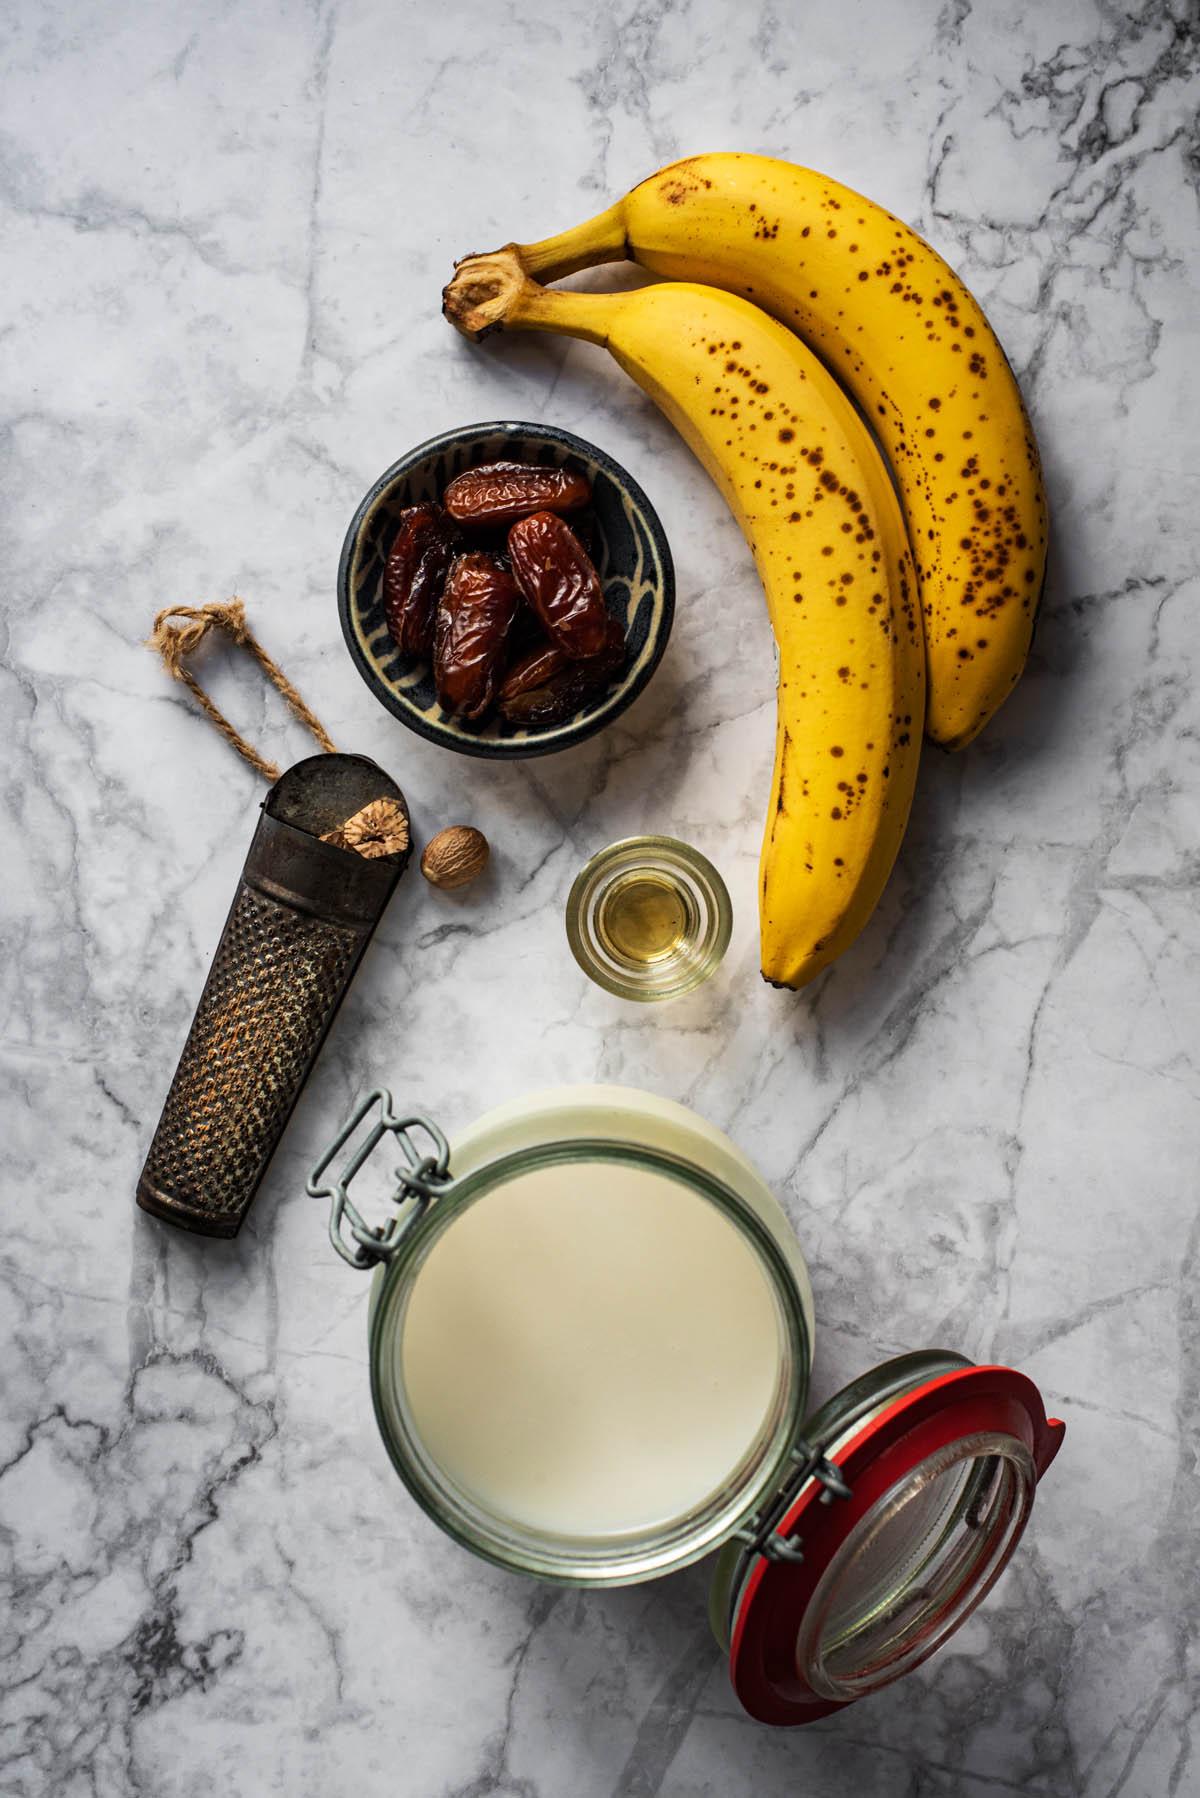 Vegan banana milkshake ingredients.